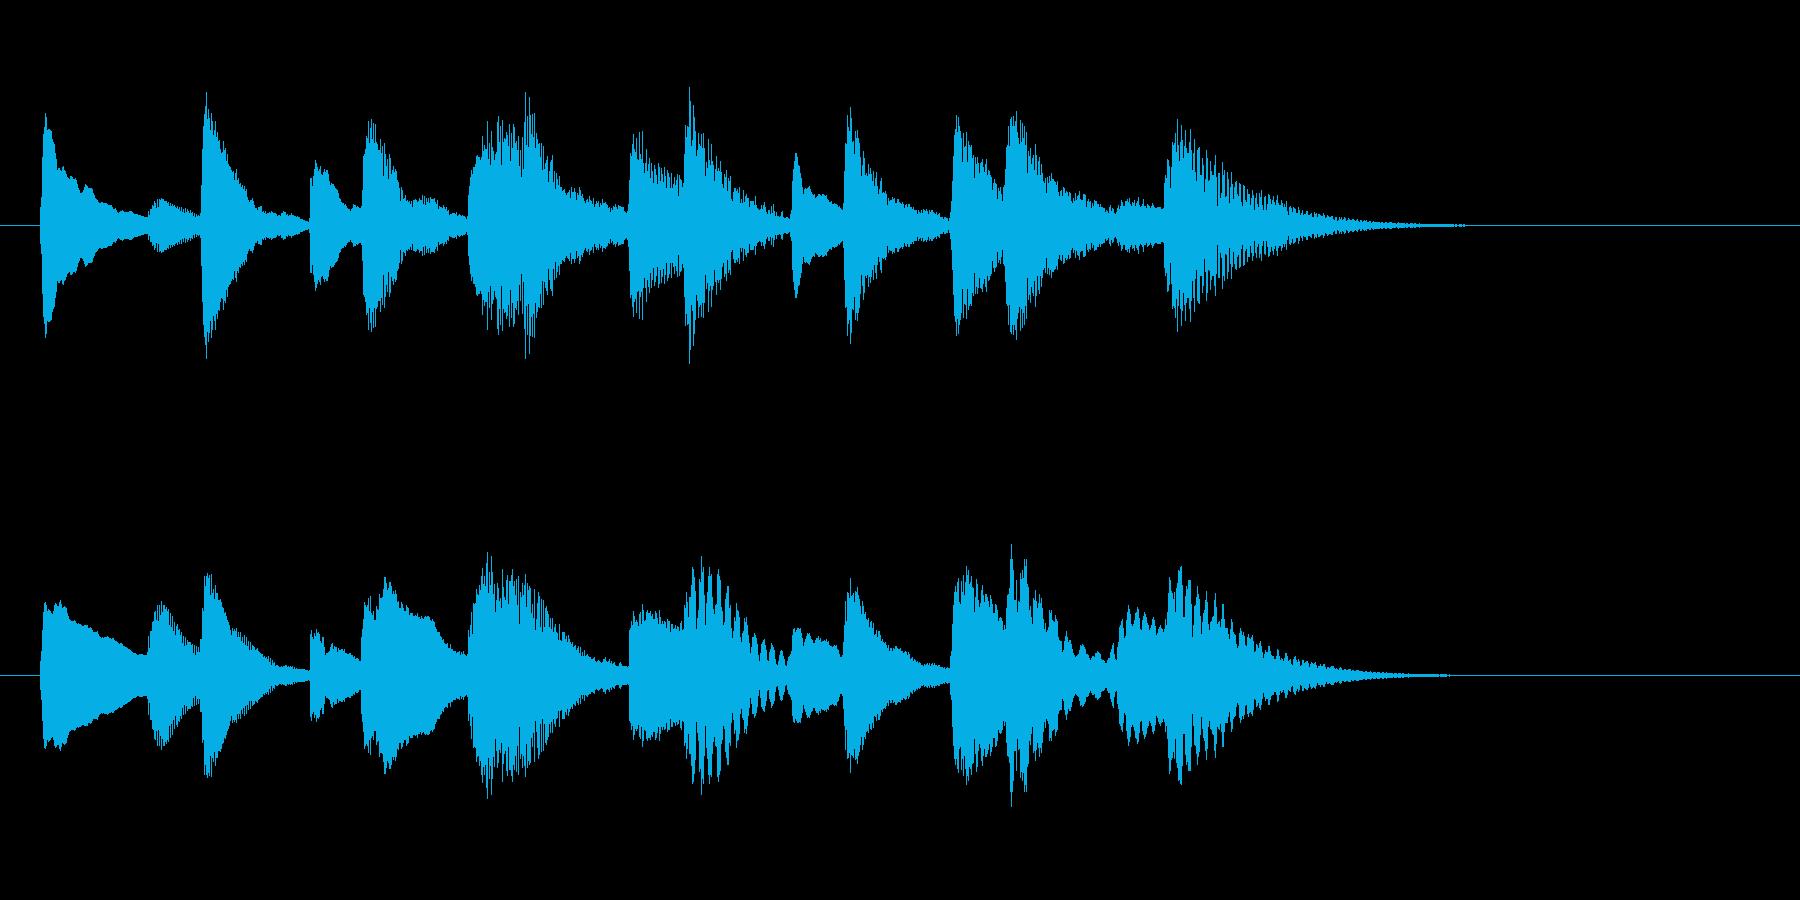 和やか落ち着き木琴マリンバ三重奏ジングルの再生済みの波形